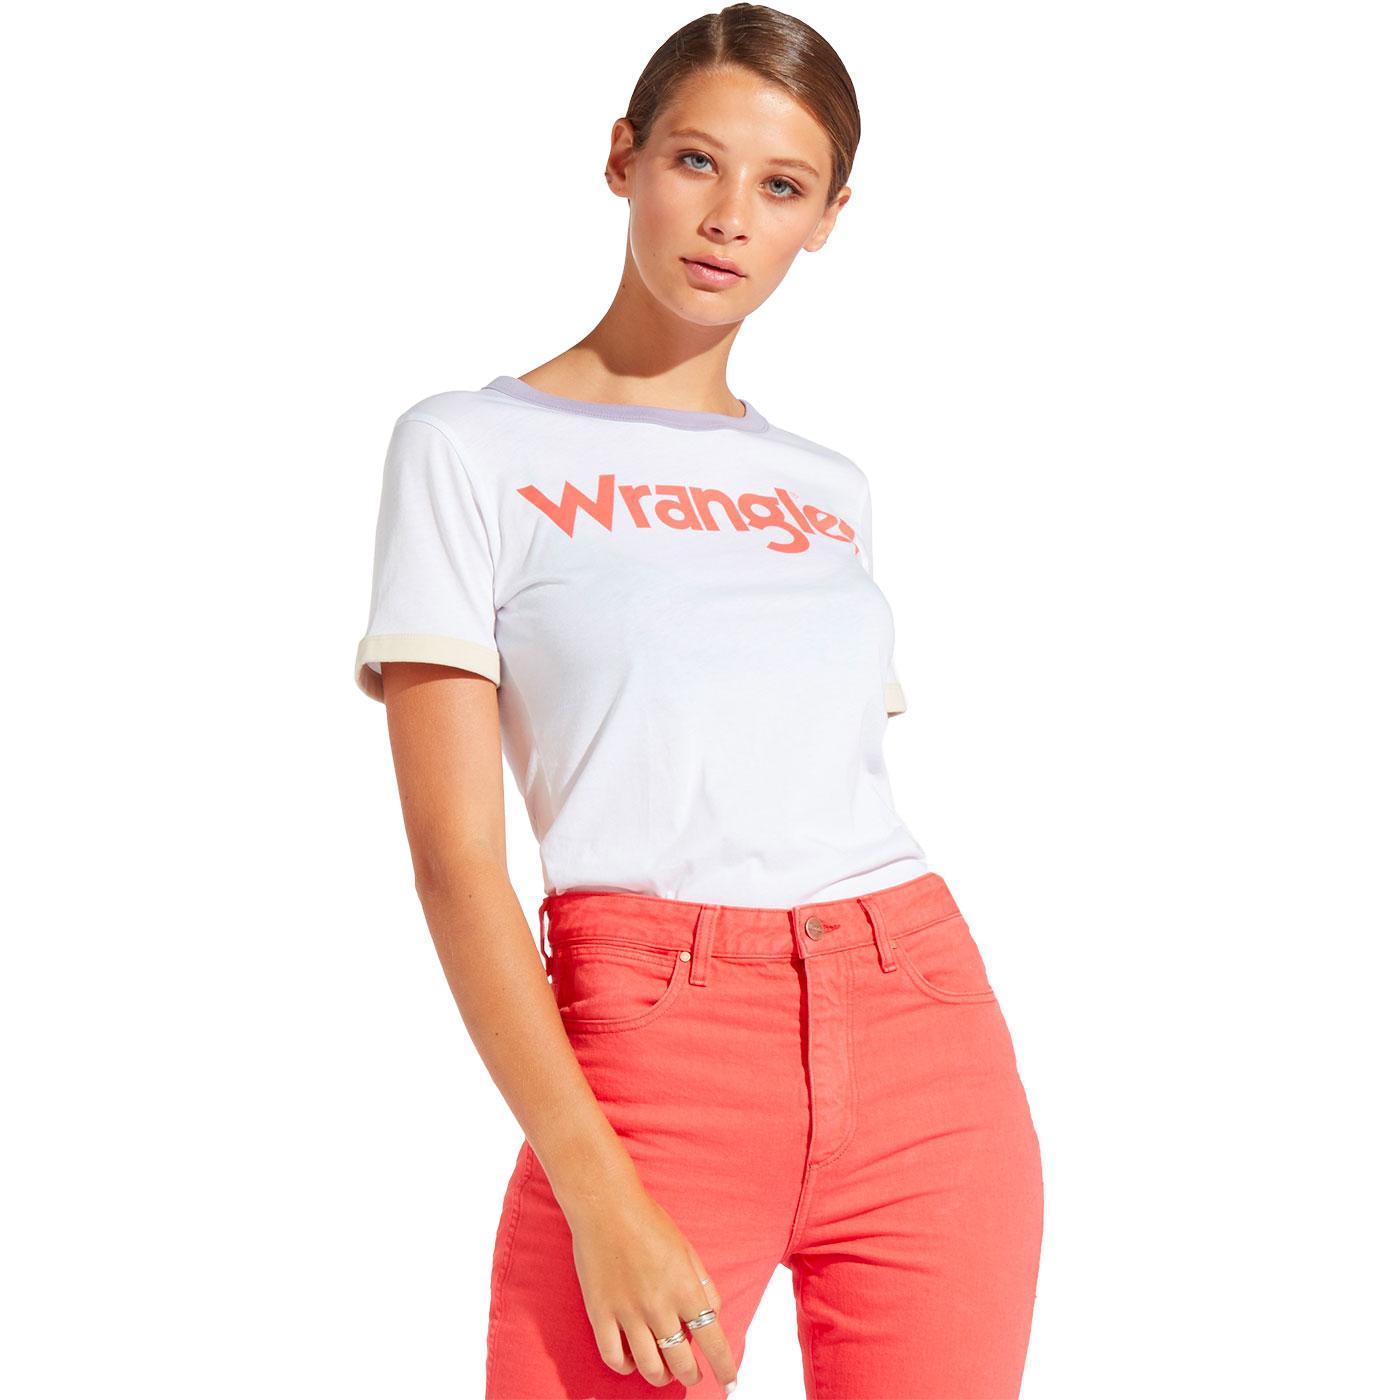 WRANGLER Women's Retro 1970s Logo Ringer Tee WHITE